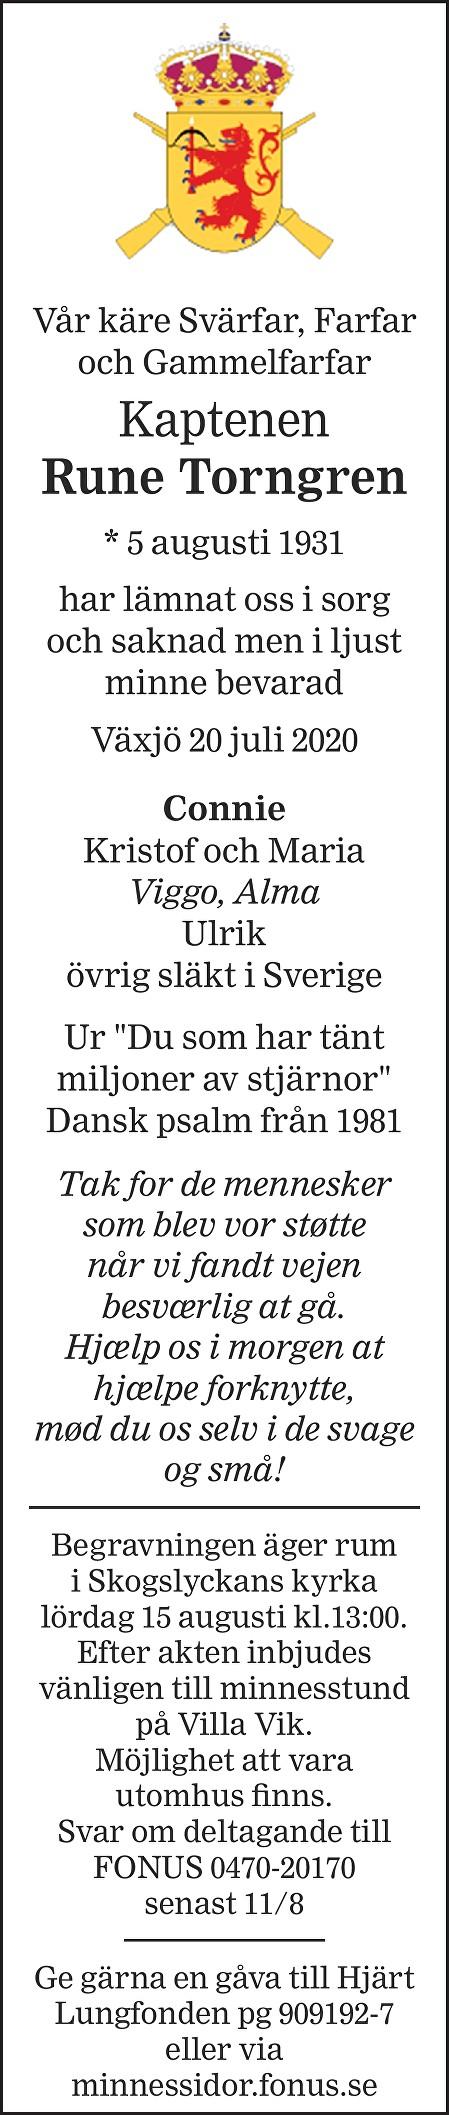 Rune Torngren Death notice